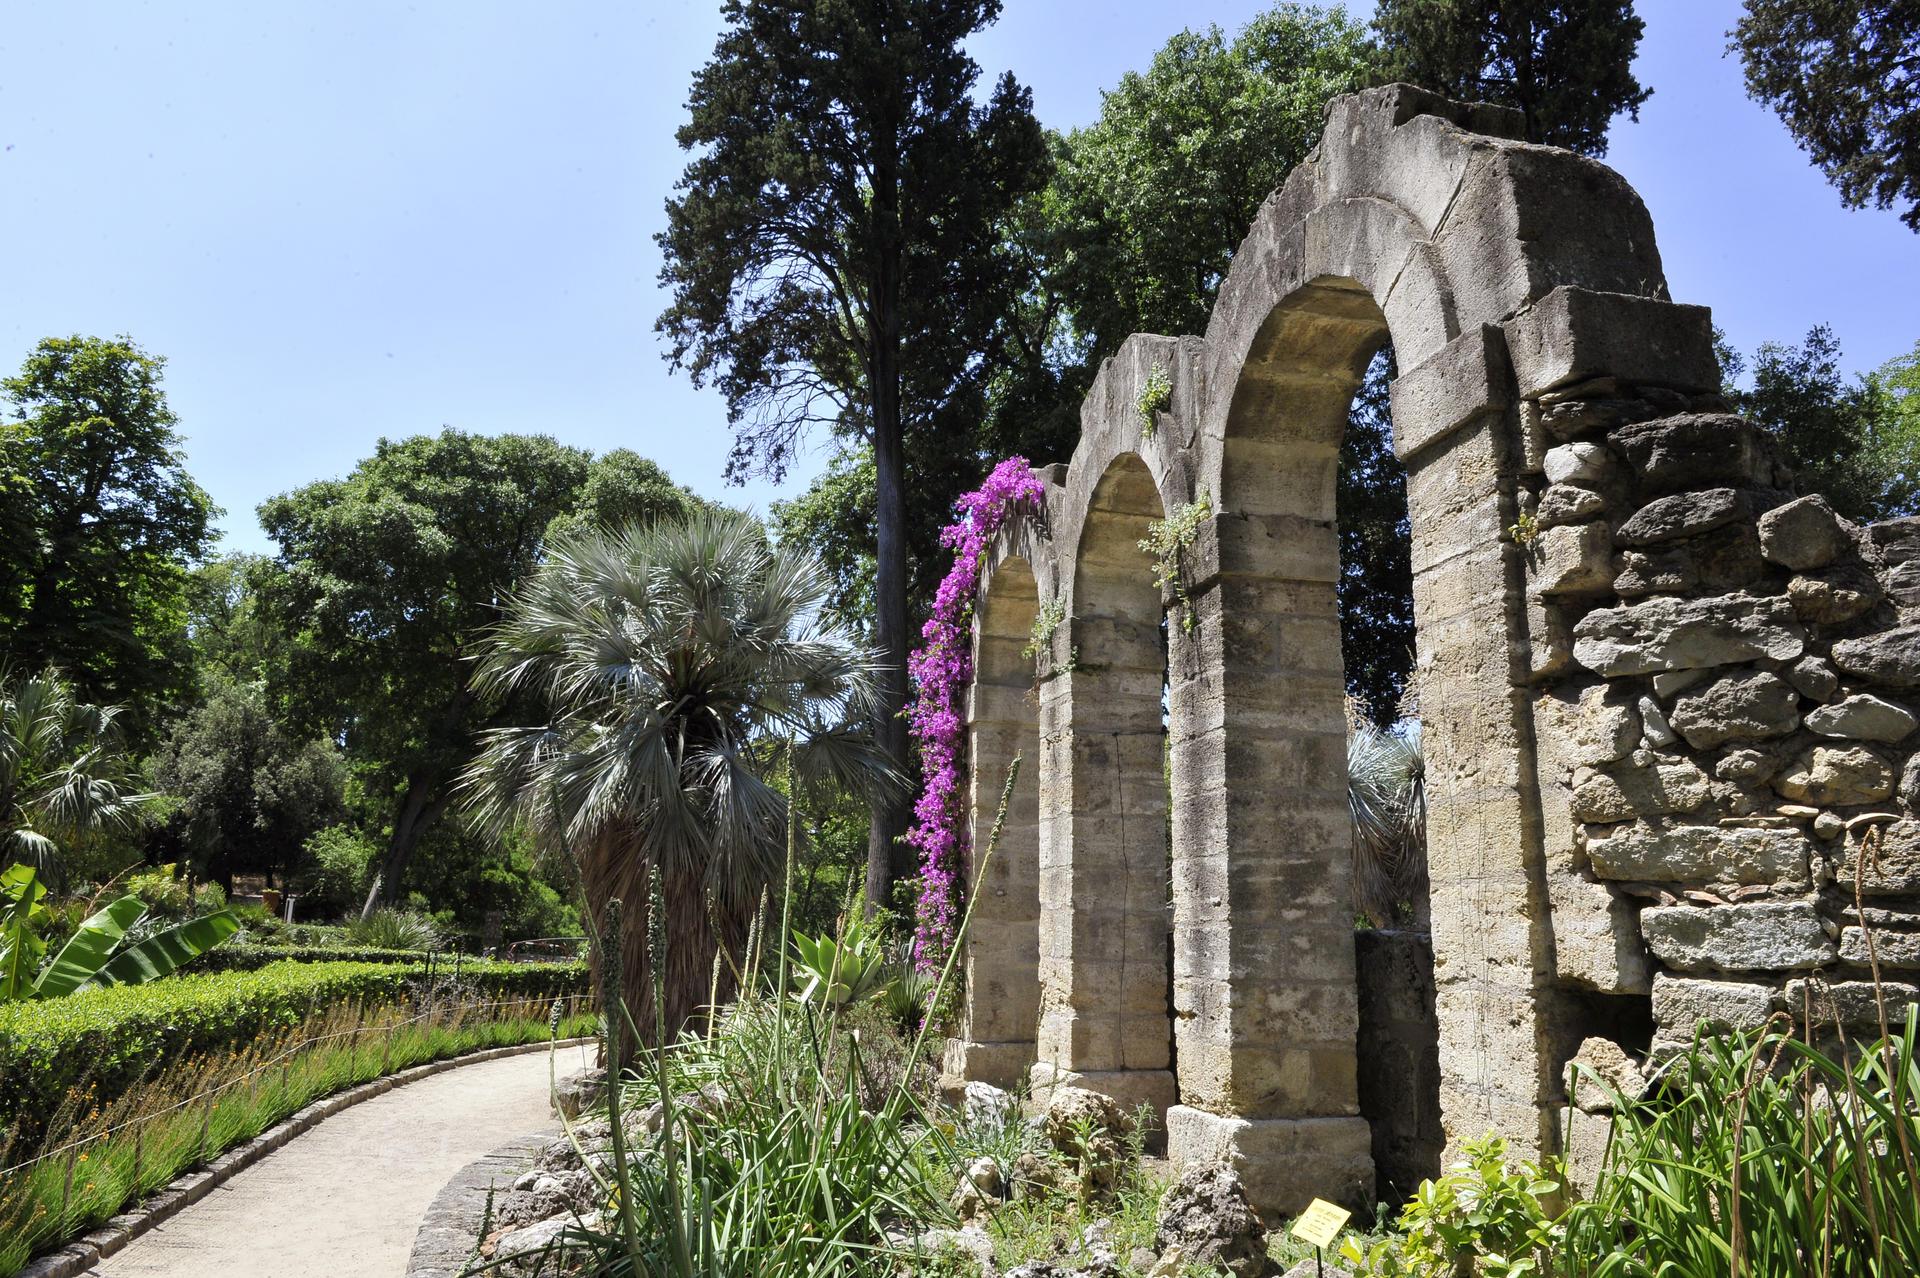 Ville de montpellier site de la mairie de - Jardin des plantes de montpellier ...